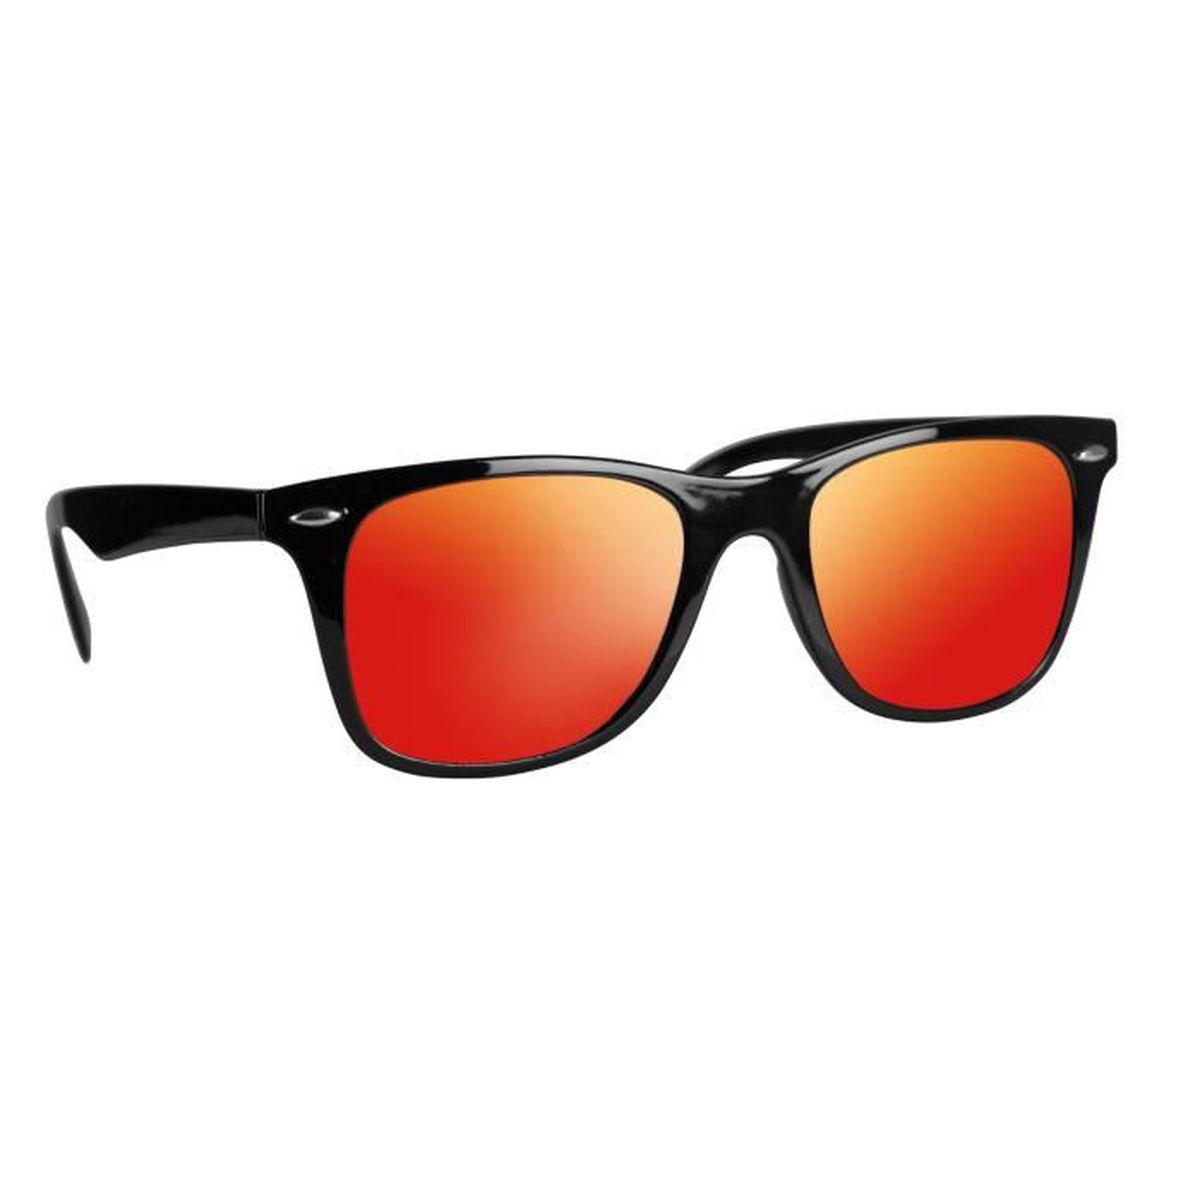 07f092d2aec Lunettes de soleil avec verres effet miroir - Achat   Vente lunettes ...